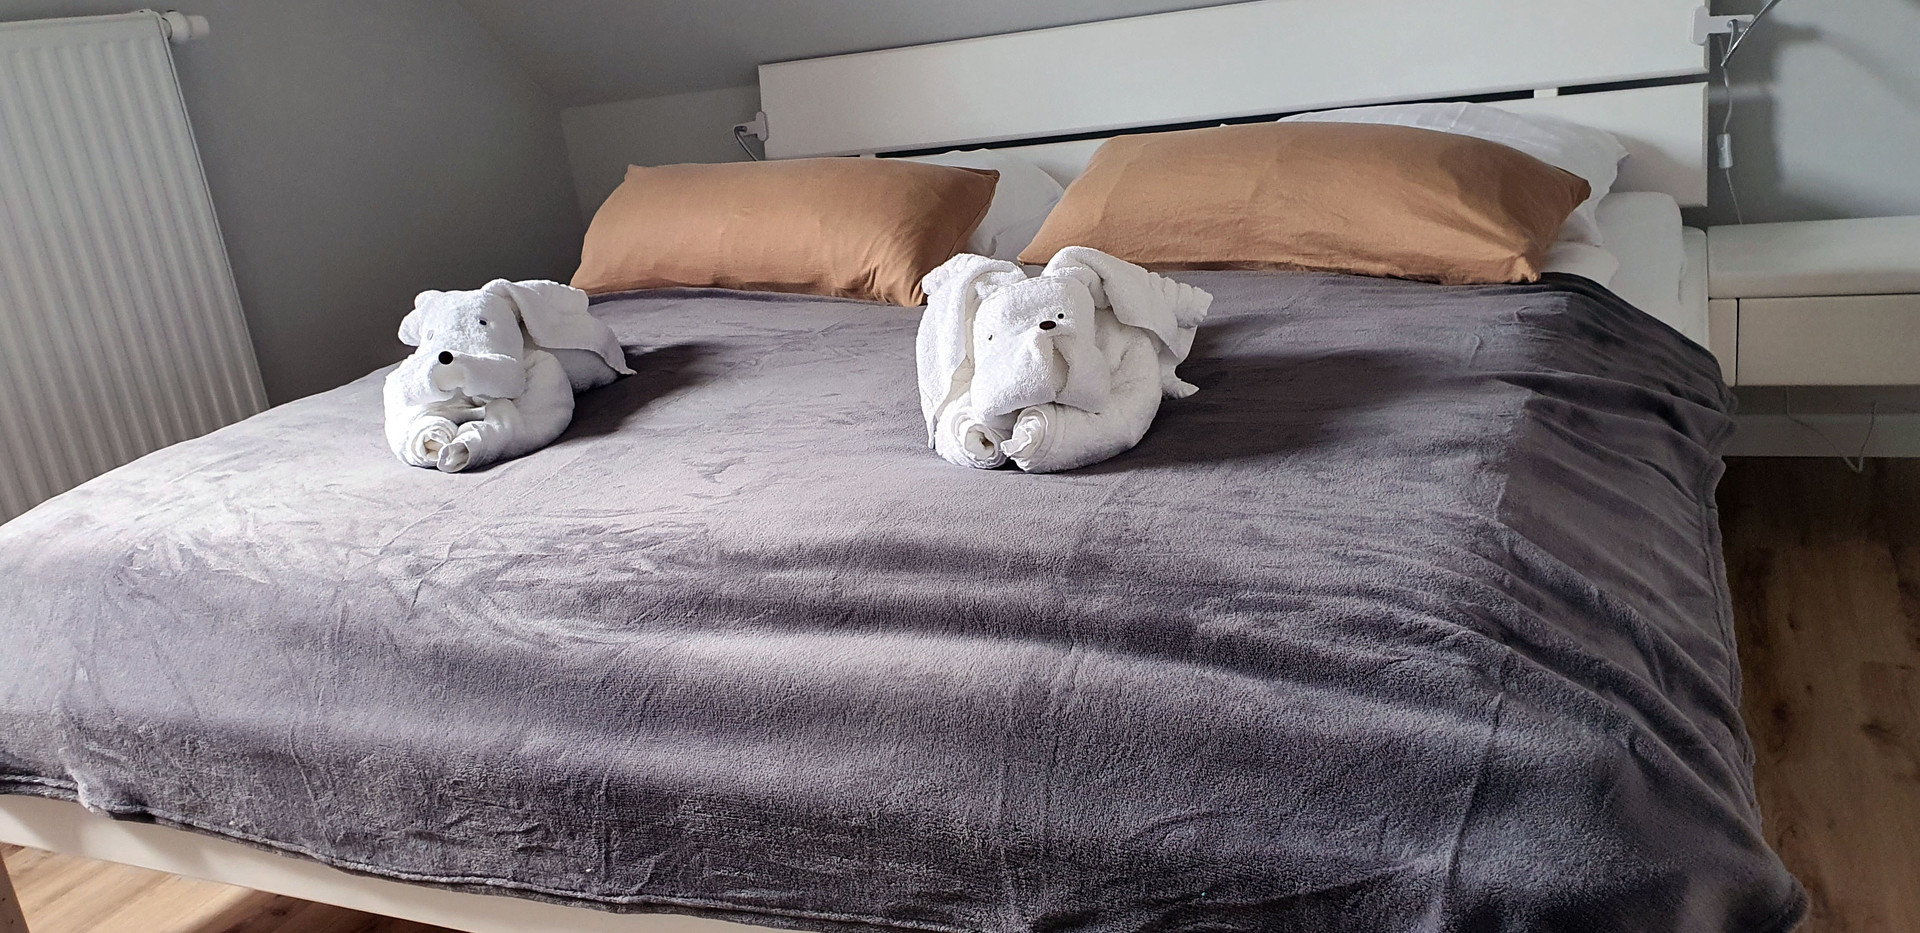 Ferienhaus Stromer - Schlafzimmer 1.jpg